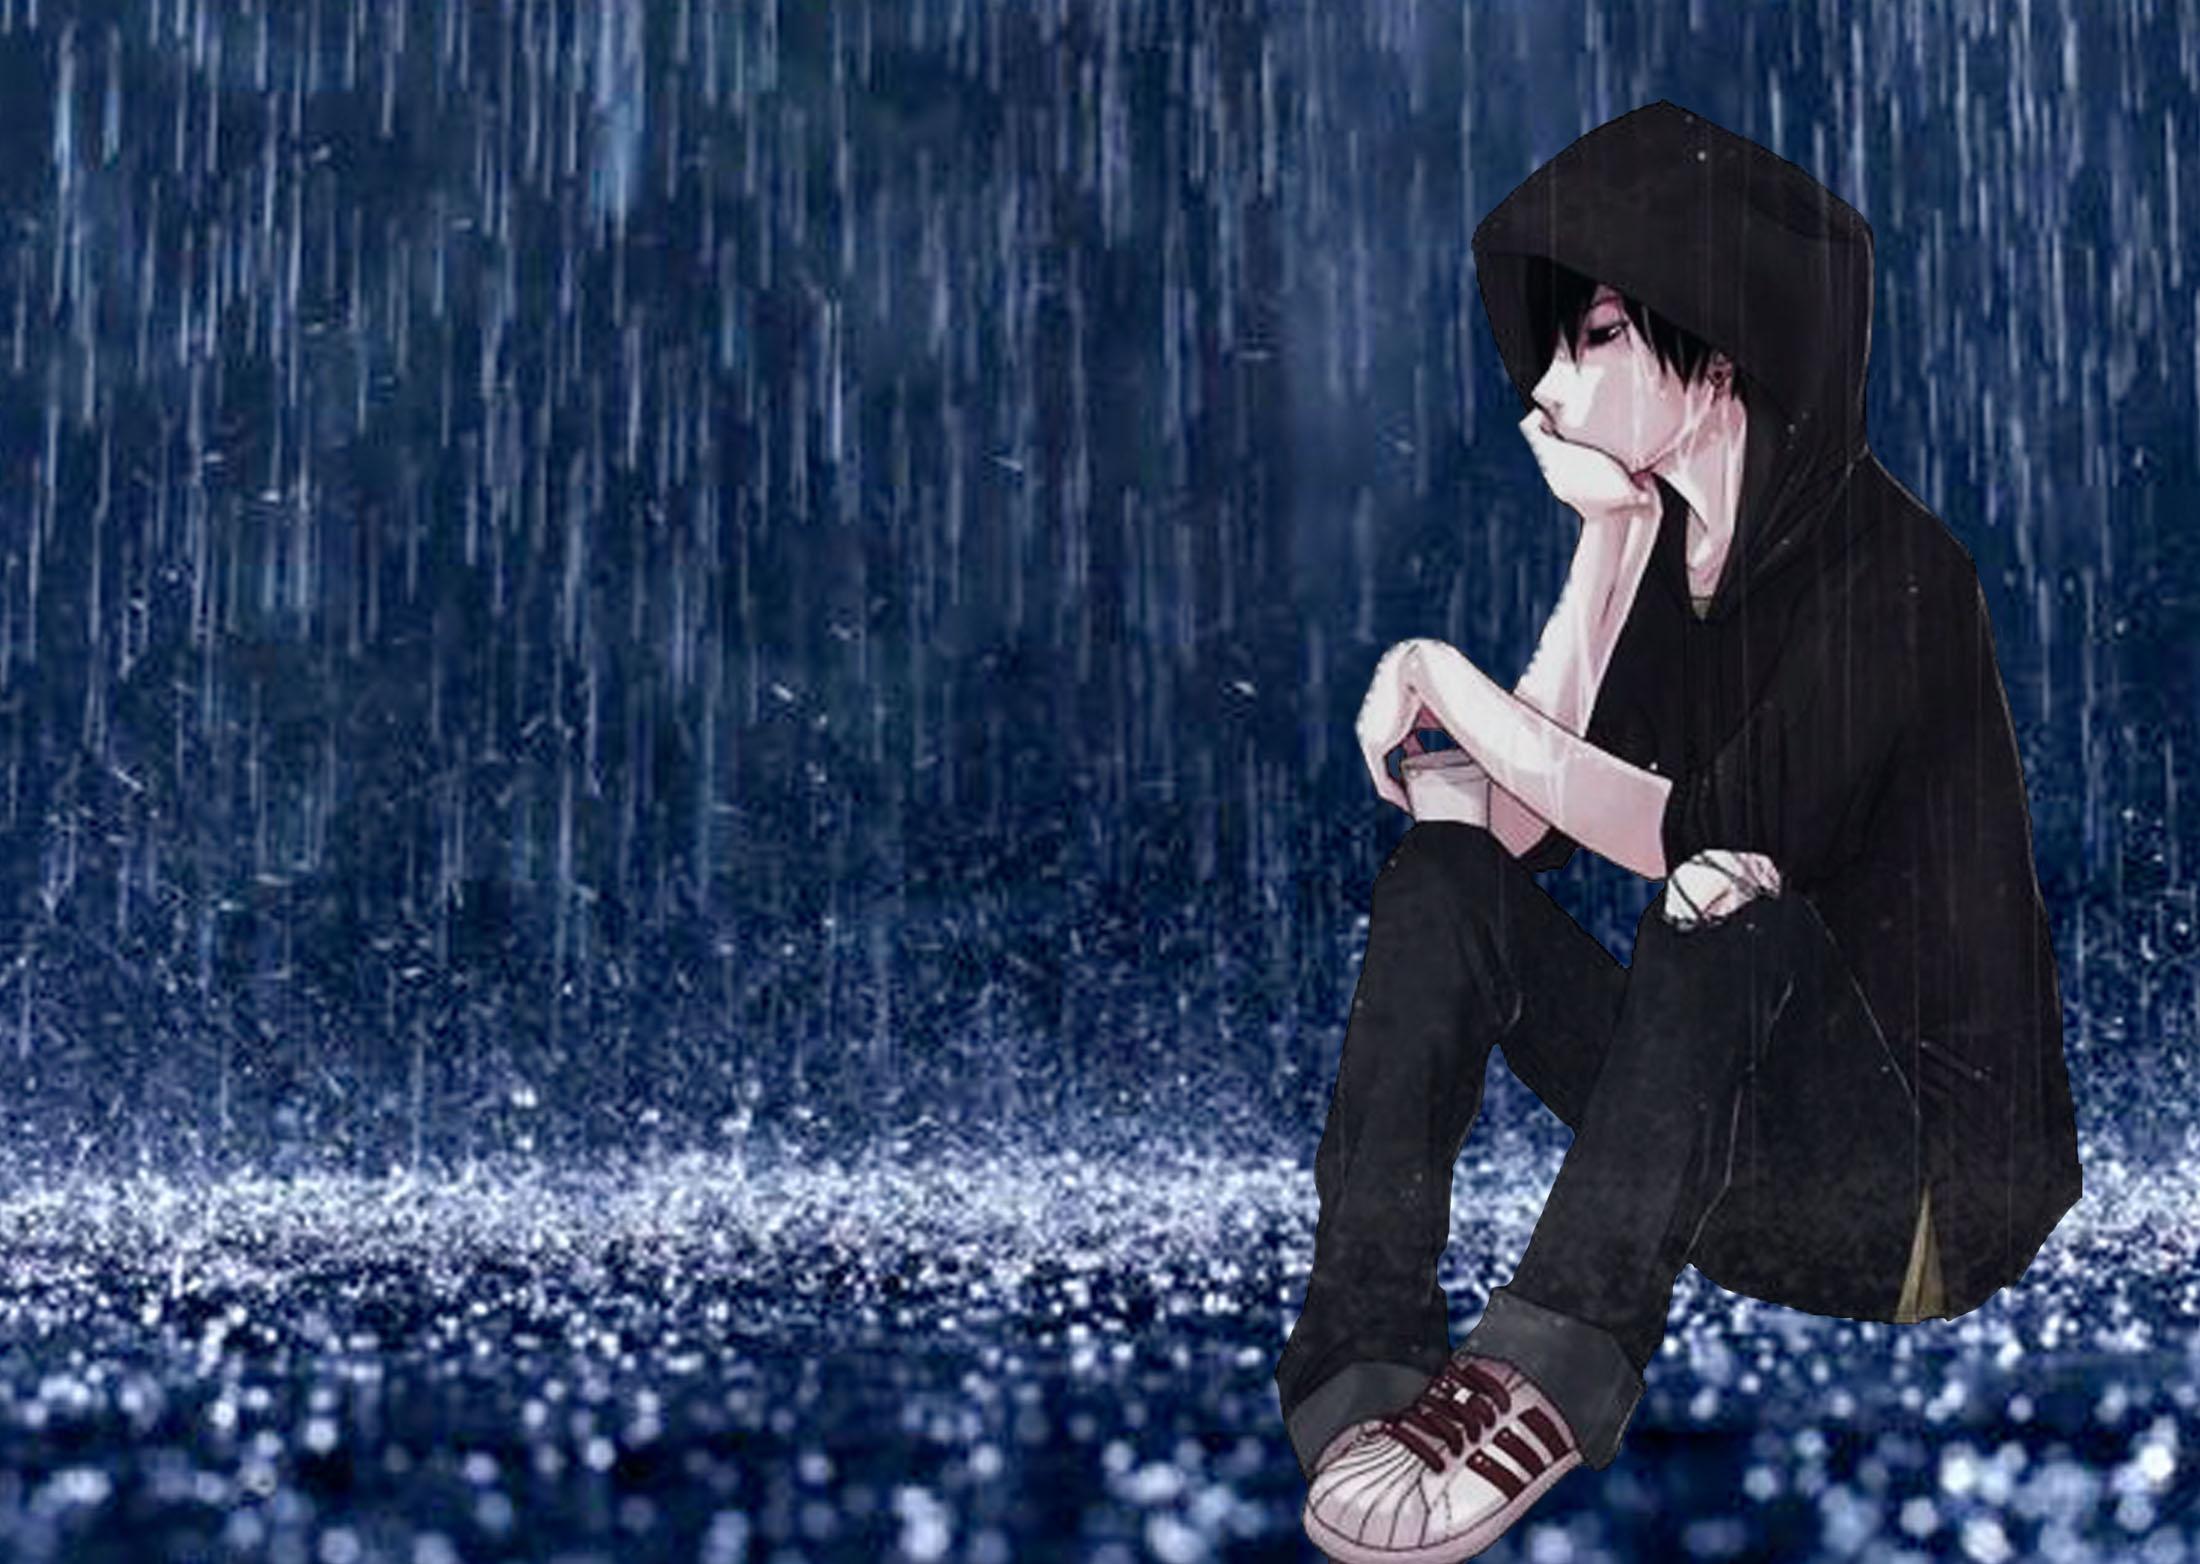 Hình ảnh chàng trai buồn và cô đơn trong đêm